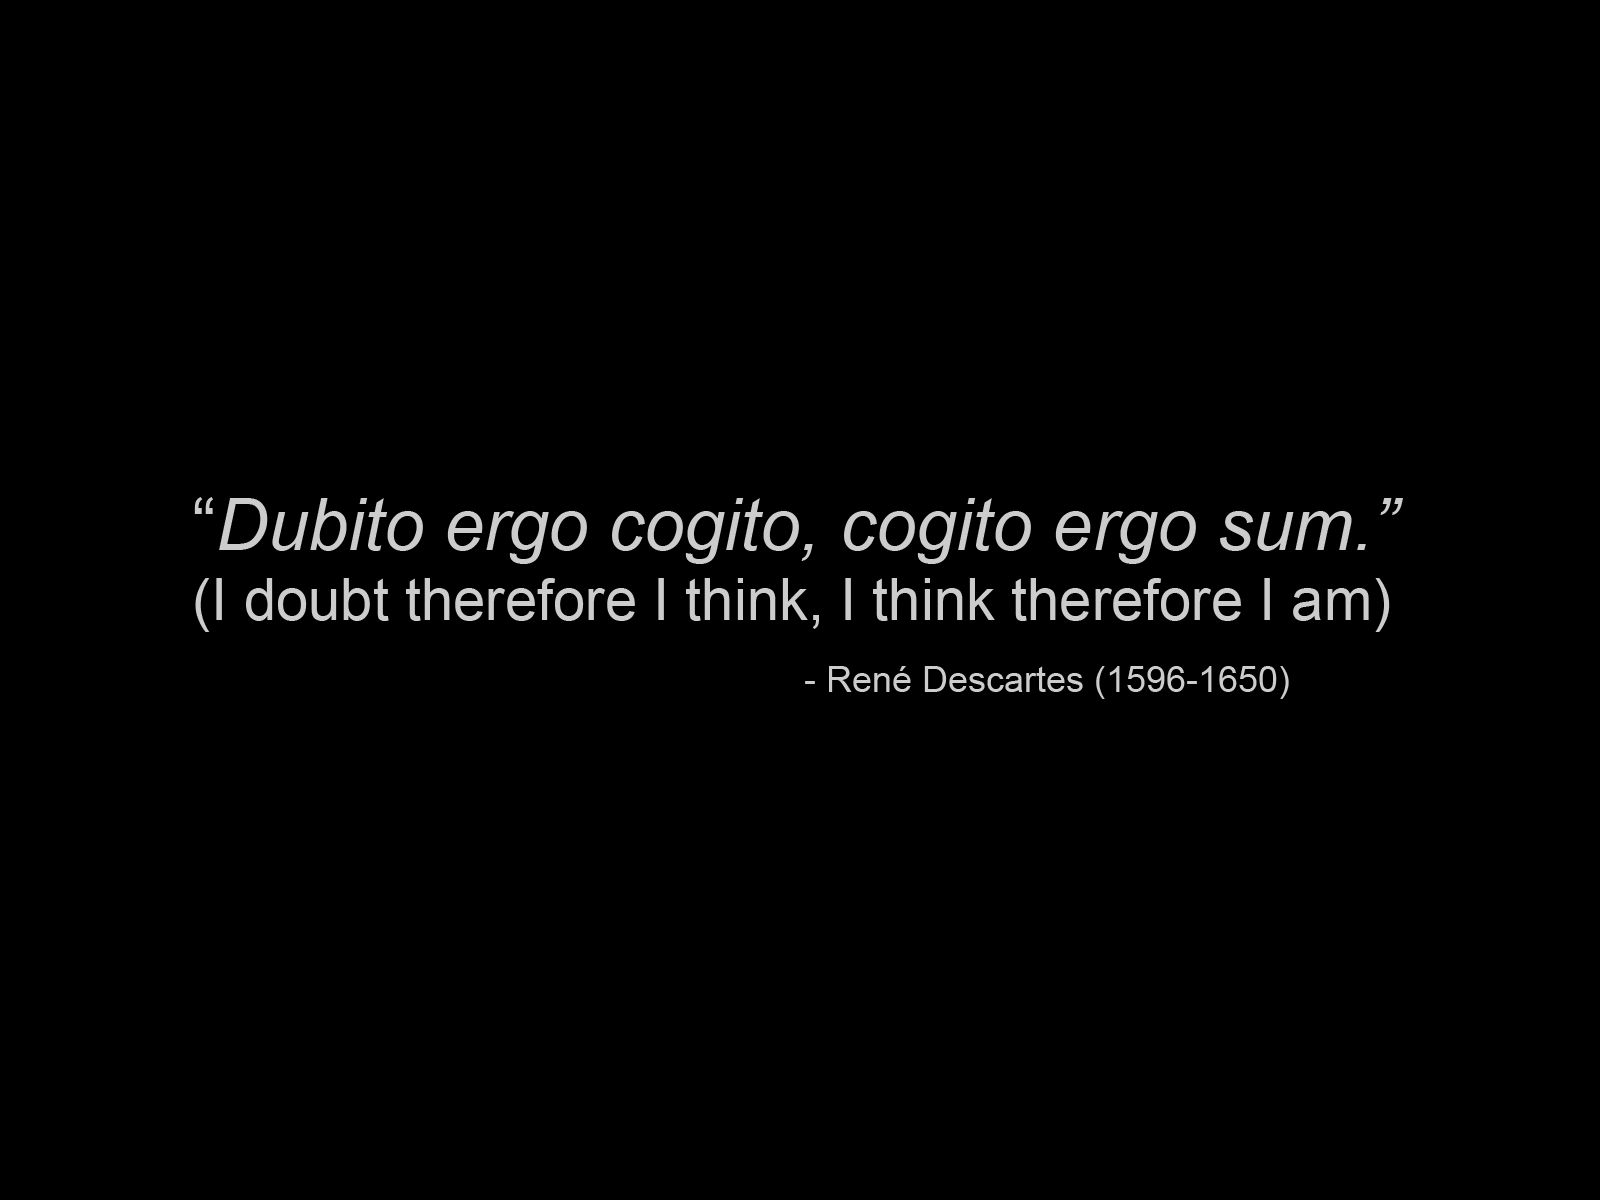 Rene Descartes's quote #1